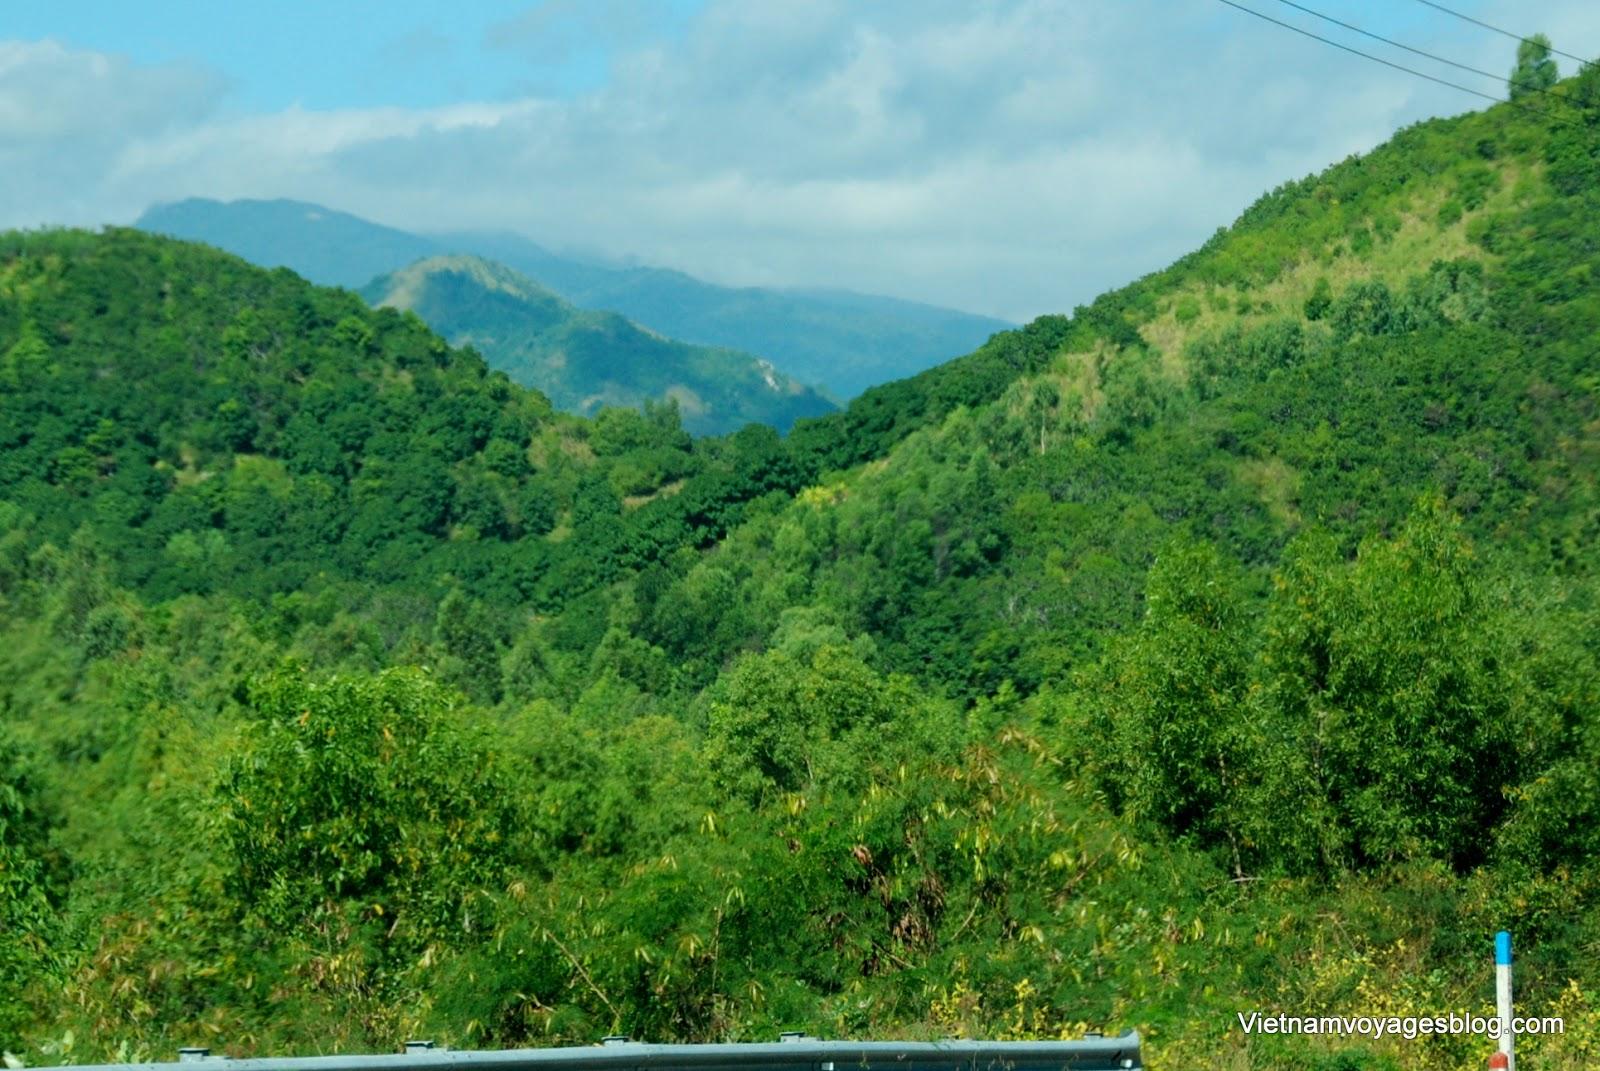 Cảnh núi rừng trên đoạn đường từ Nha Trang đến Phú Yên